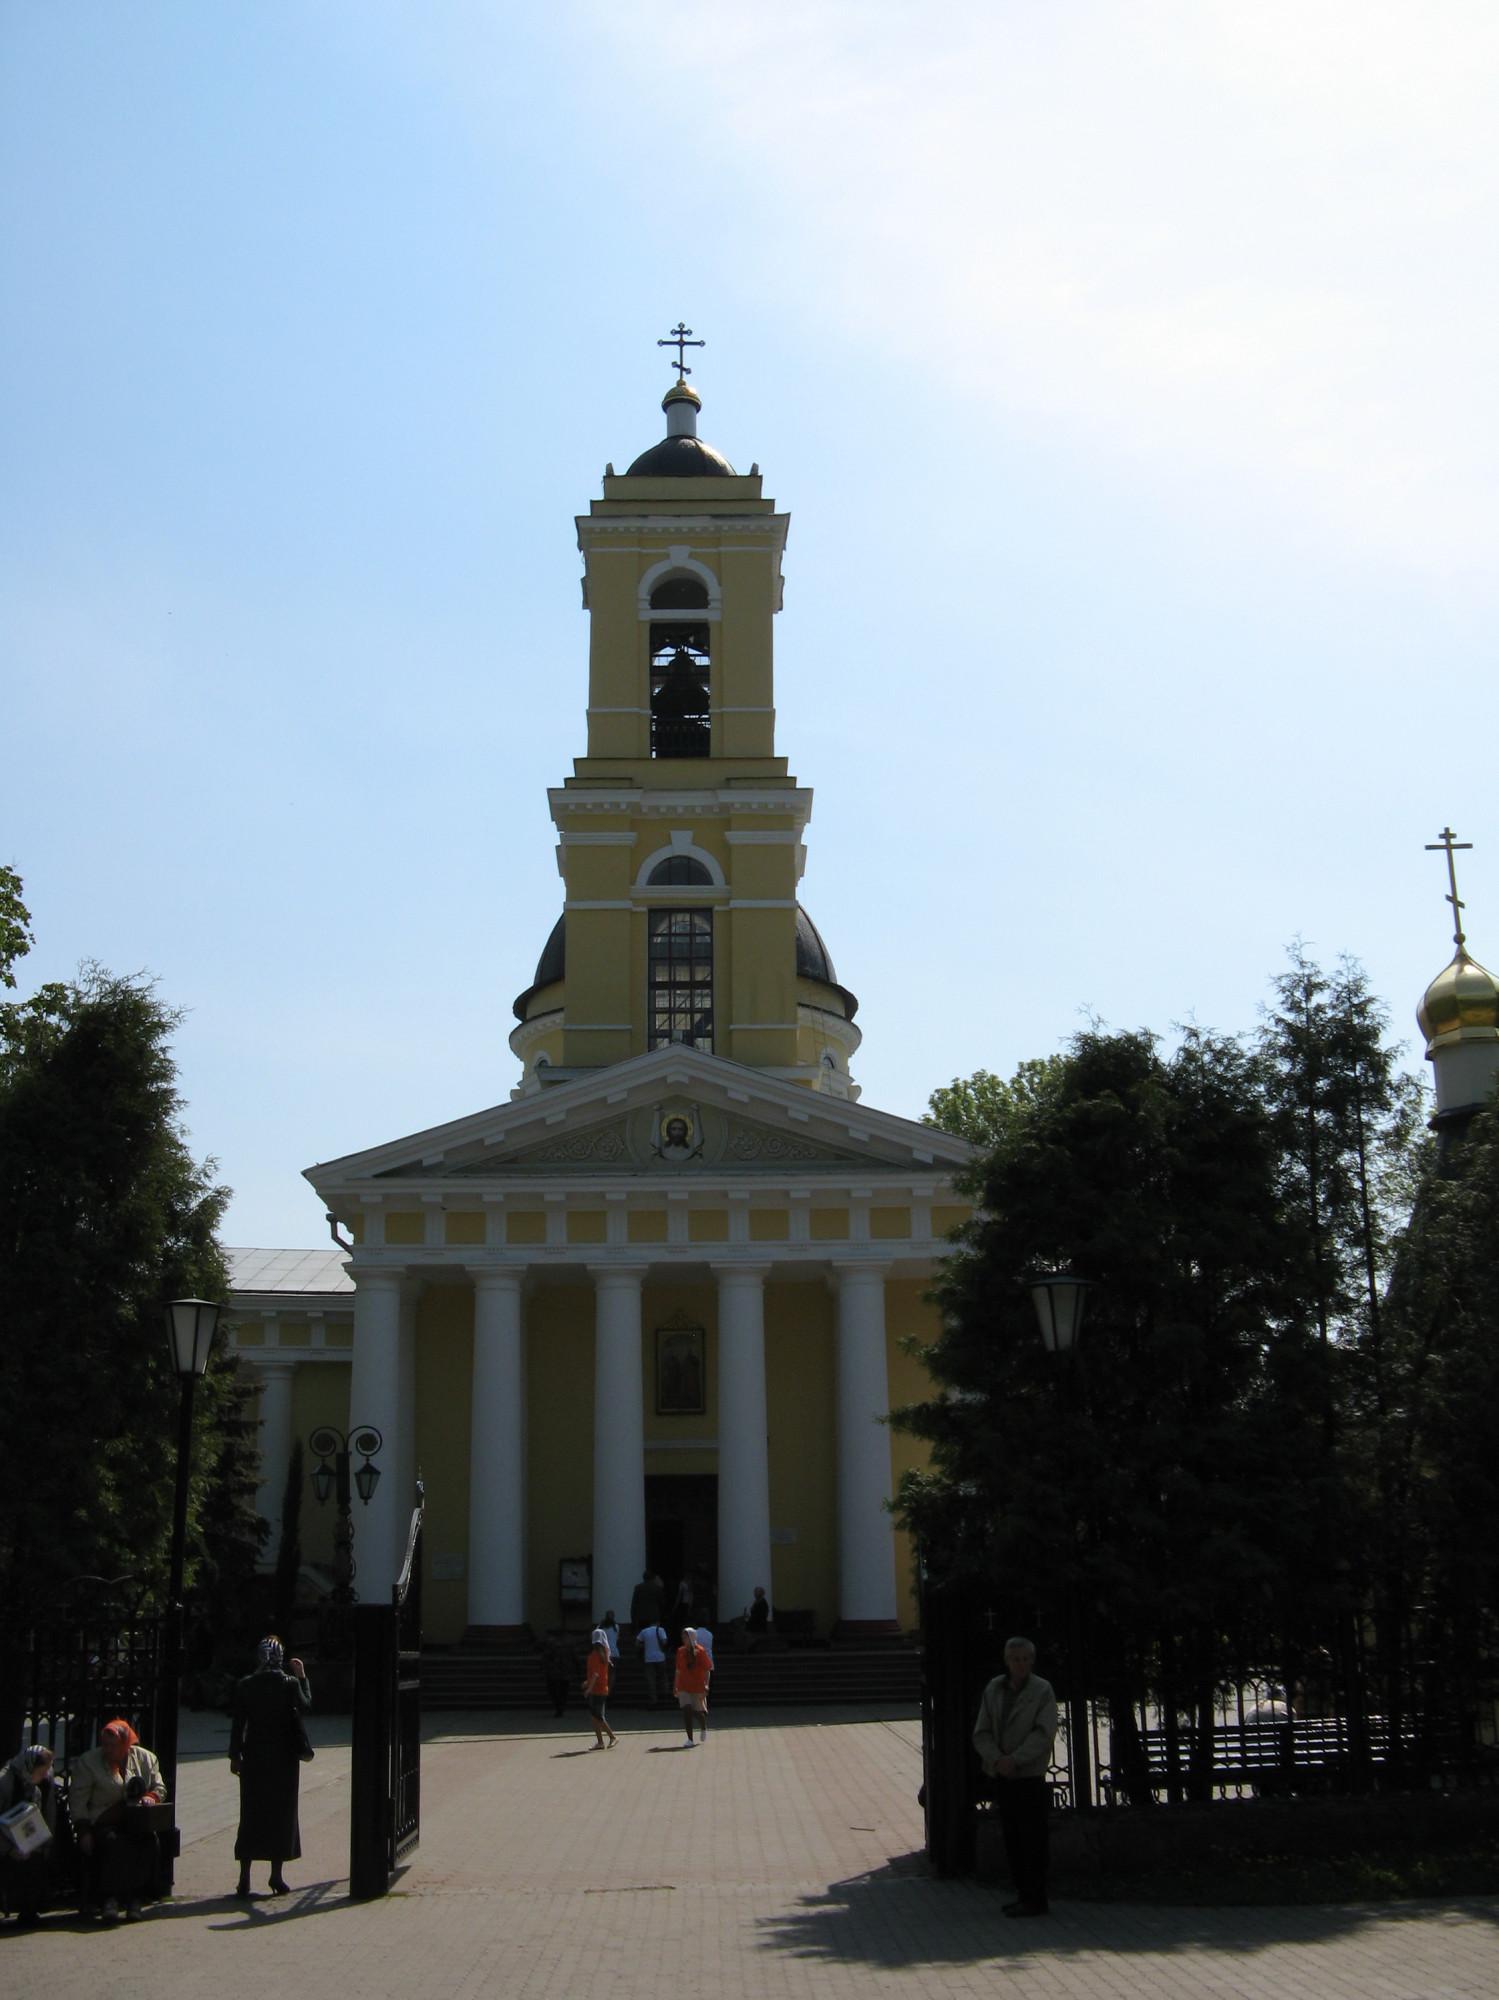 2008.05.18. Гомель. Свята-Петра-Паўлаўскі кафедральны сабор.